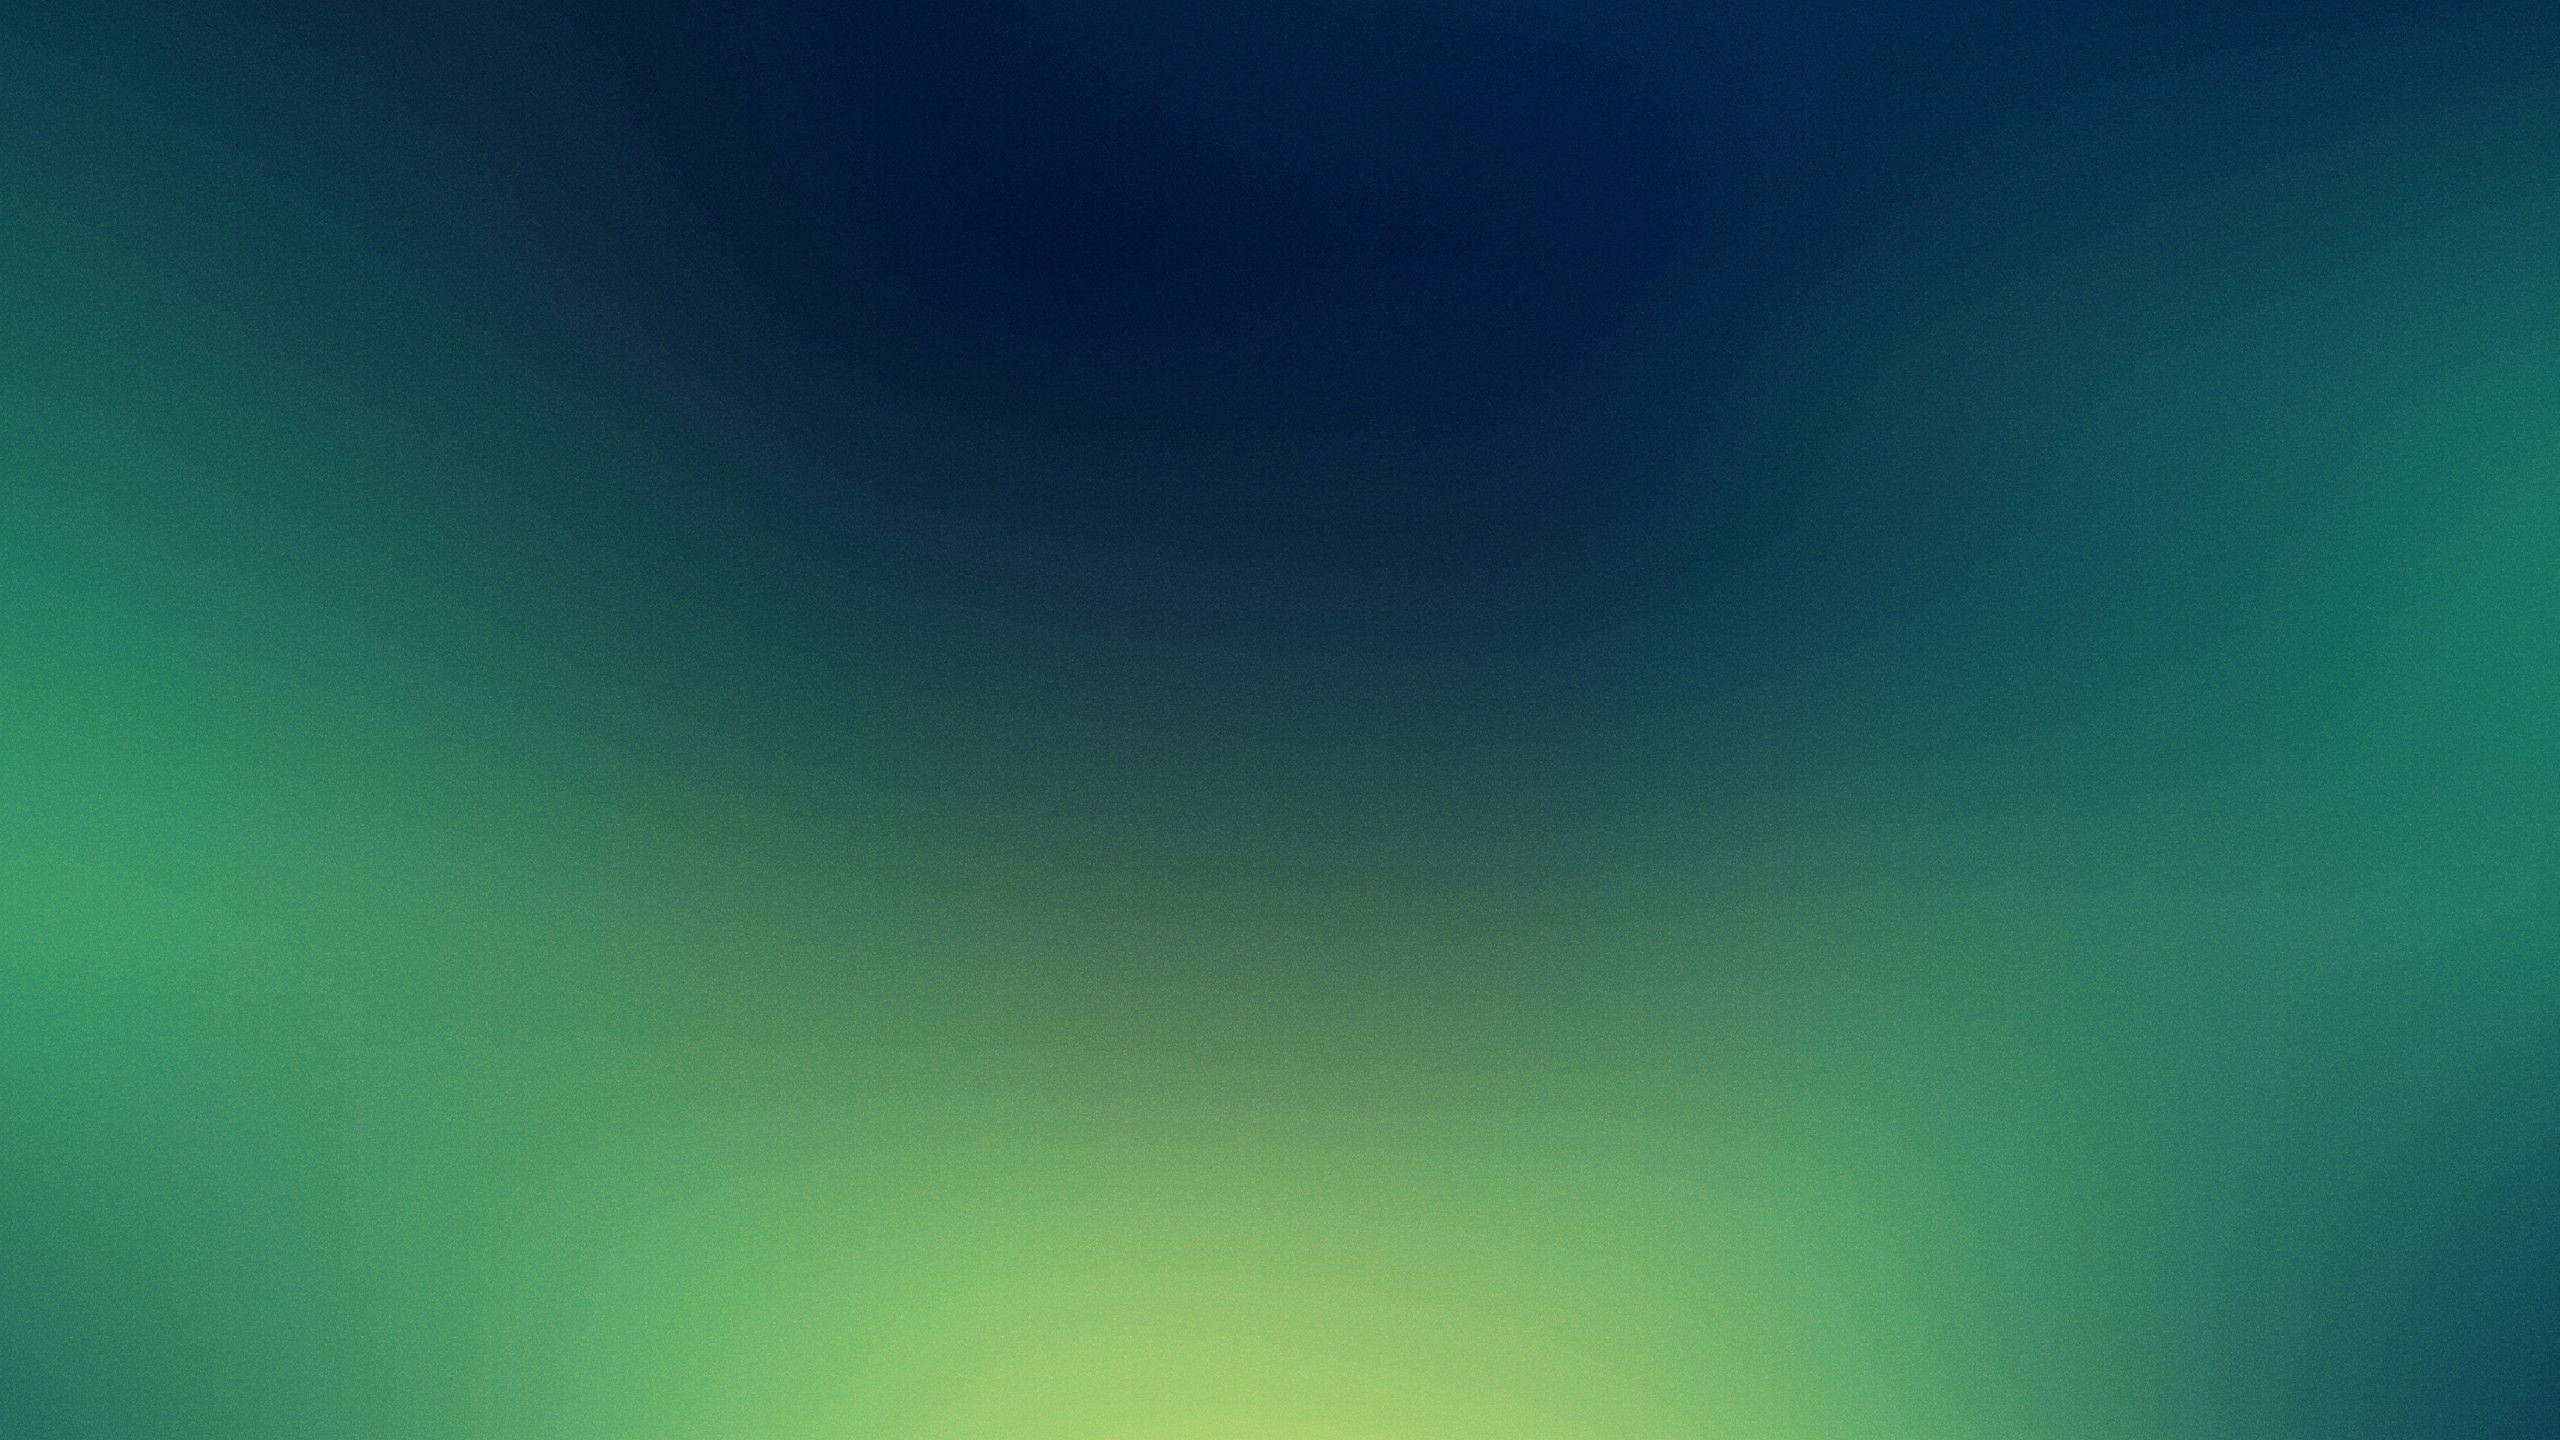 Blue Blurred Gaussian Blur Green Minimalistic Wallpaper 2227646 Wallbase Cc Exterior